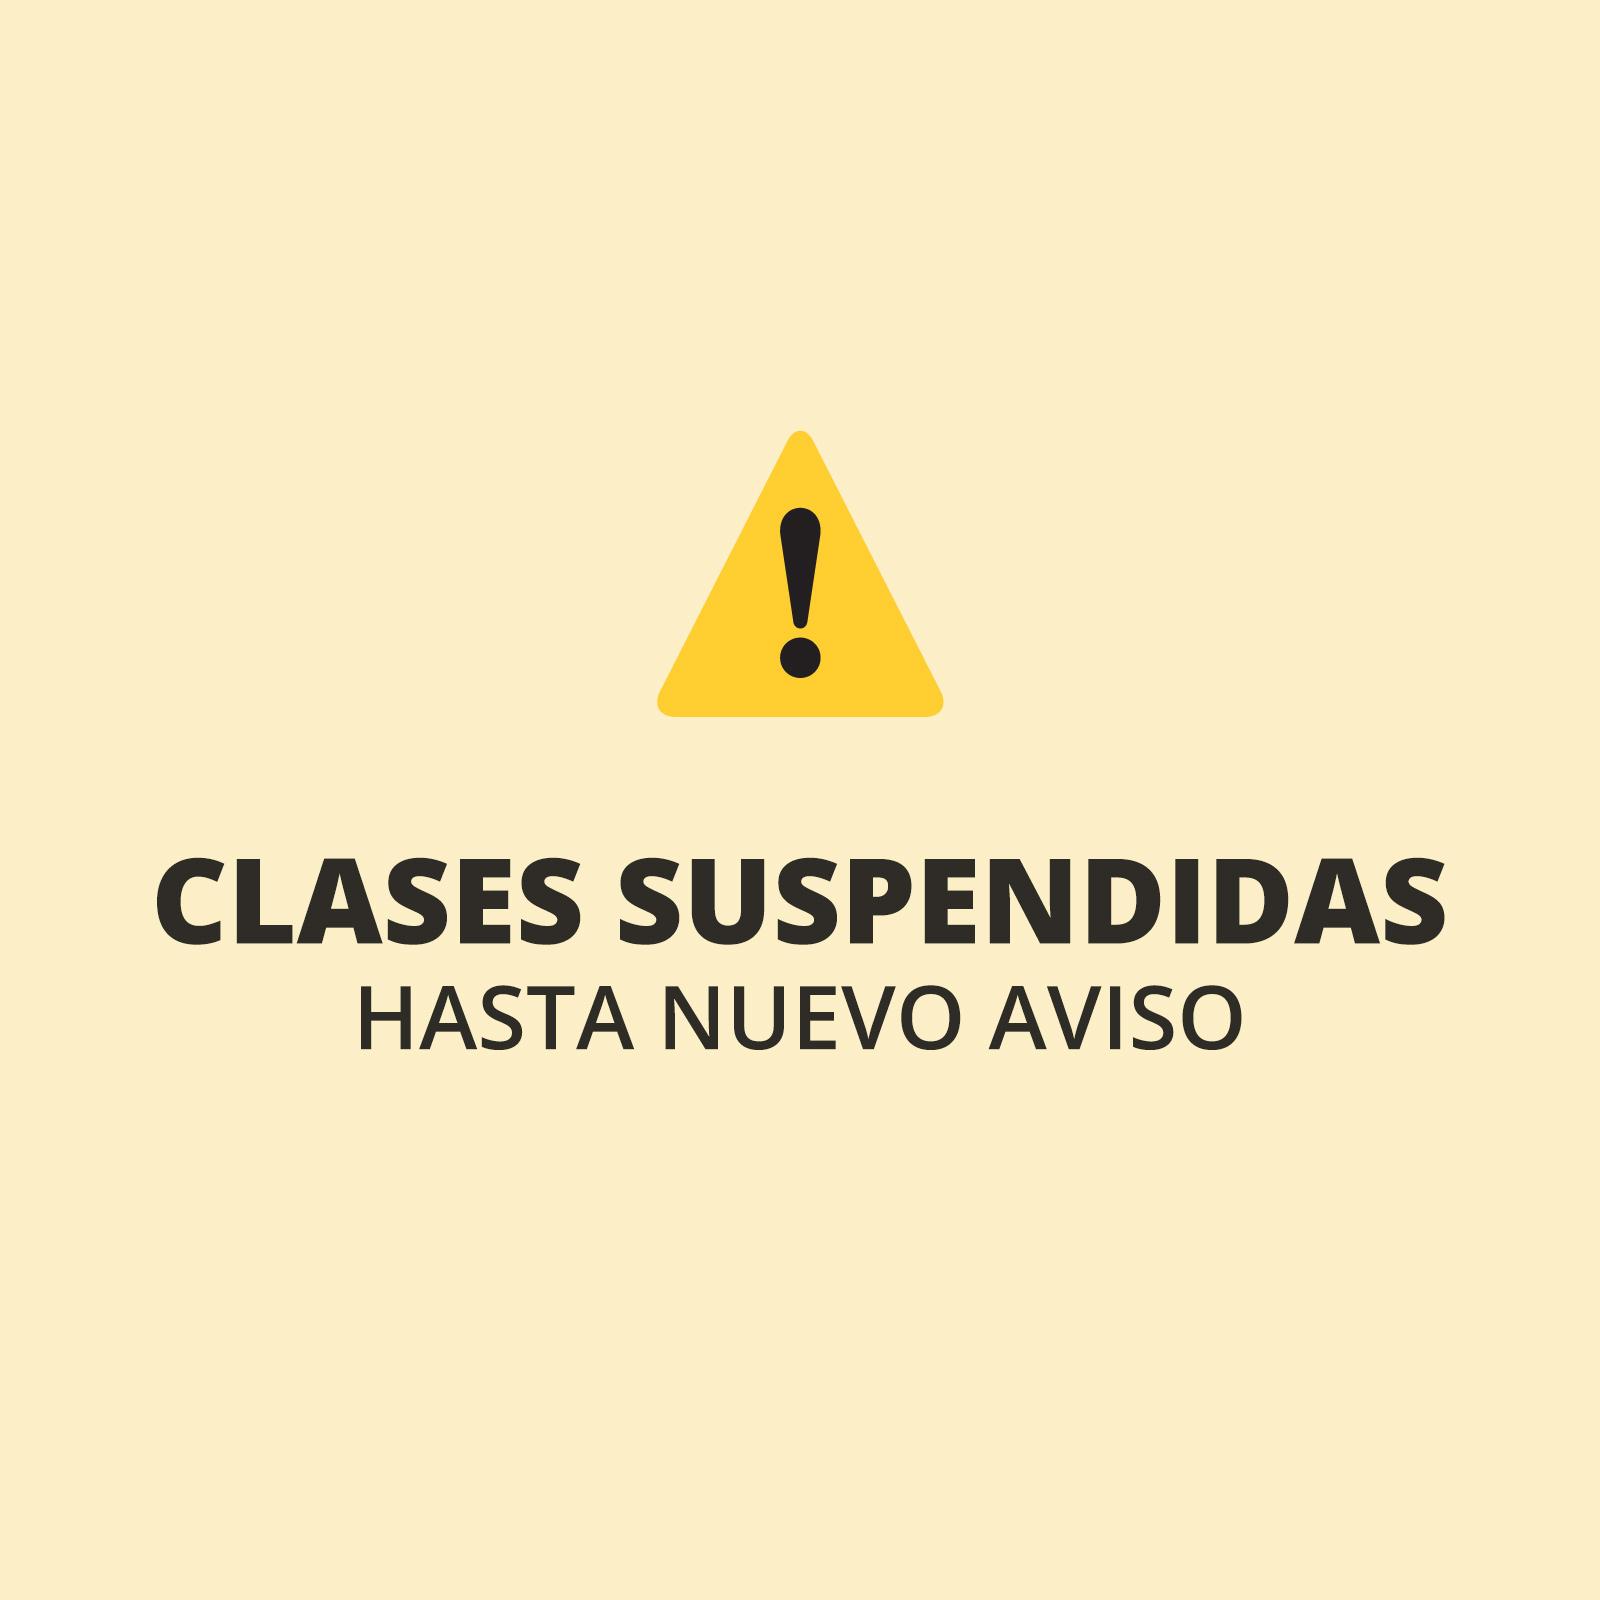 ⚠️ Se posterga el inicio de clases presenciales hasta nuevo aviso